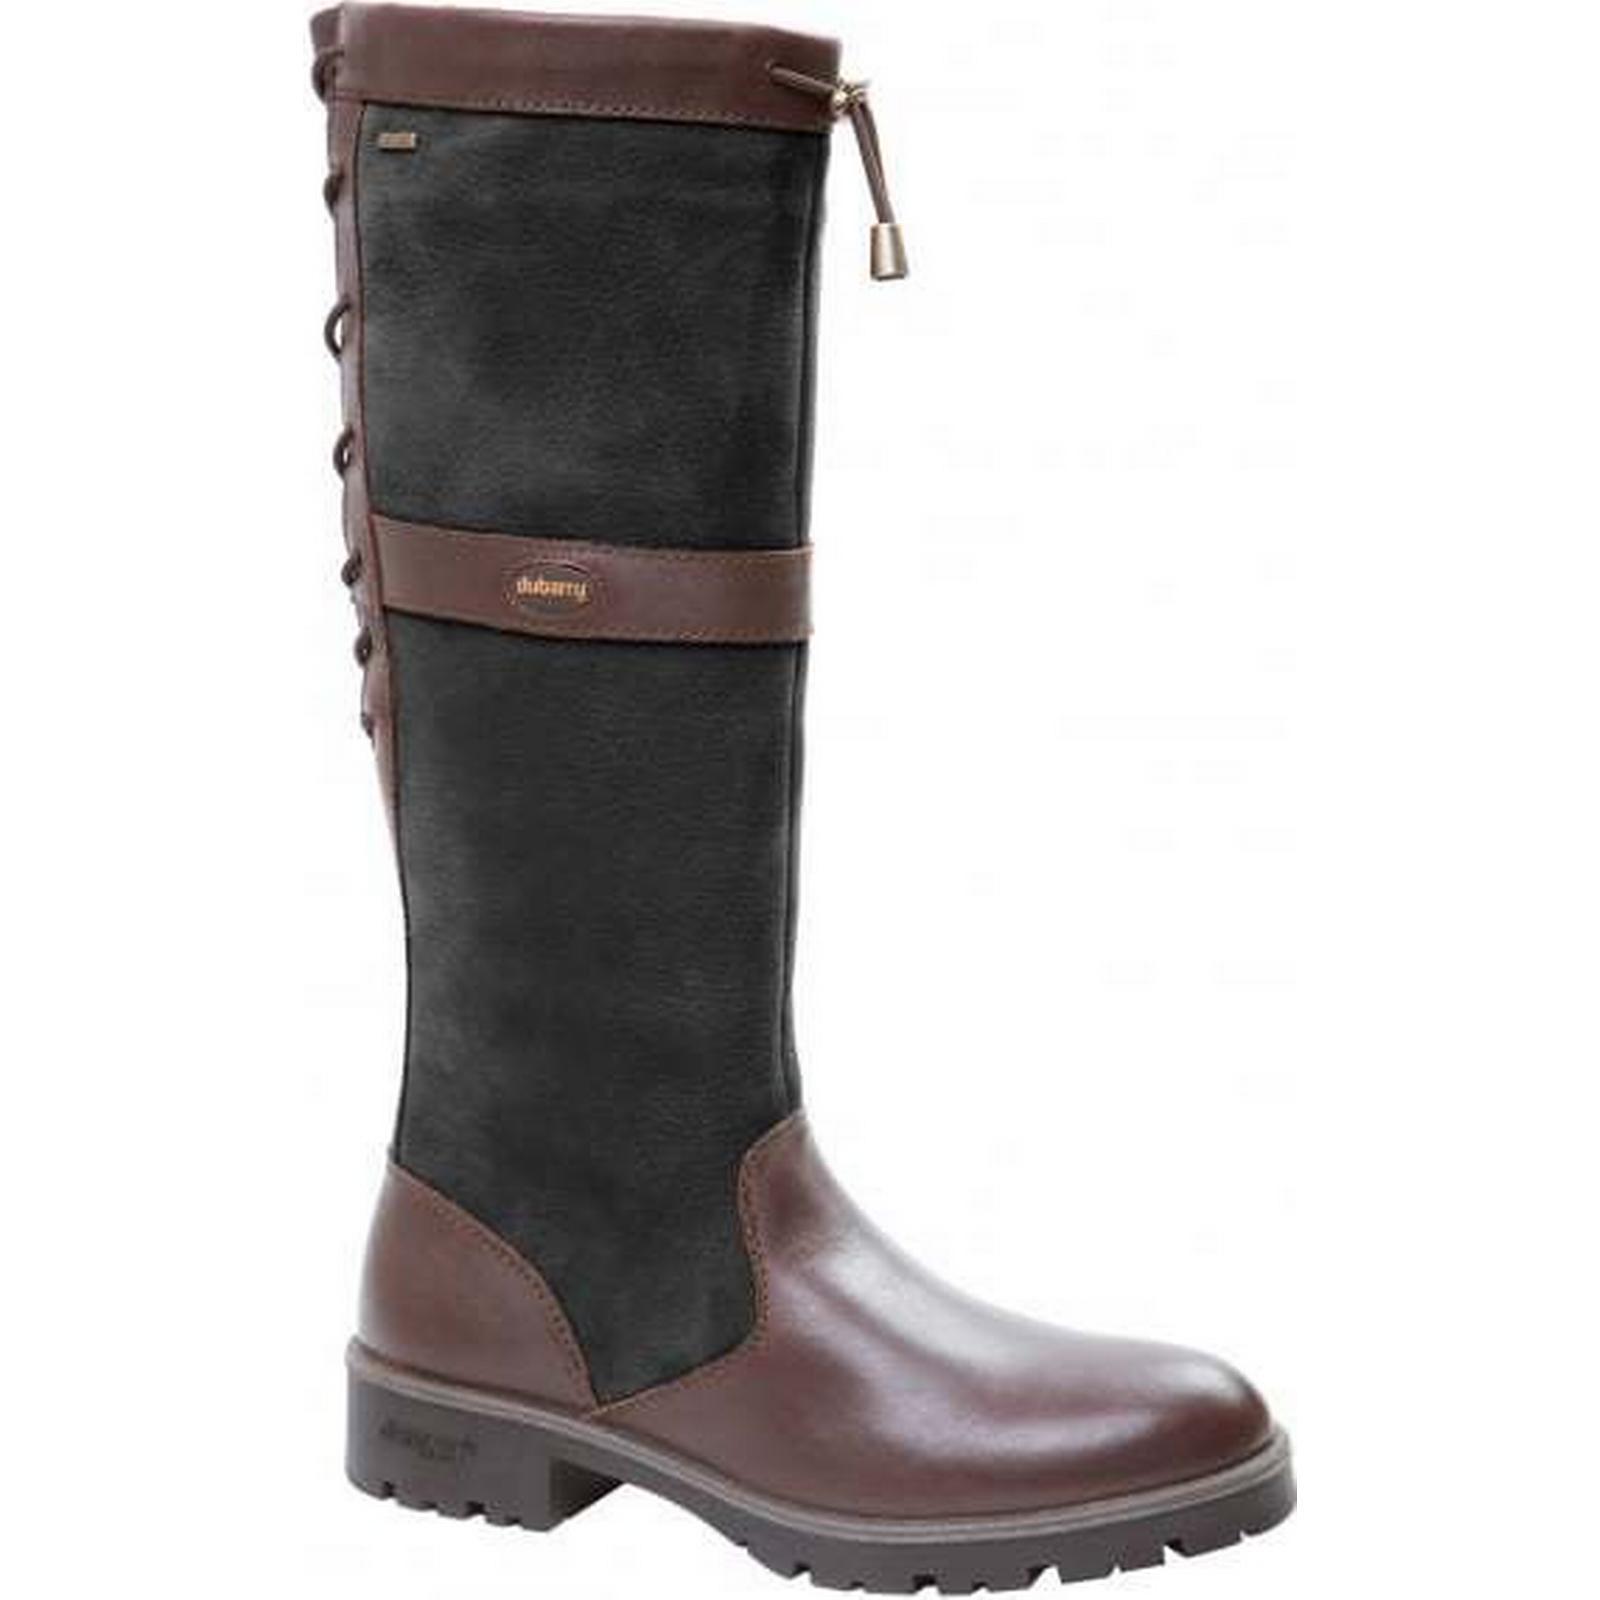 dubarry  s Noir  & amp; Marron    glanmire bottes taille: 40 eur 027a81